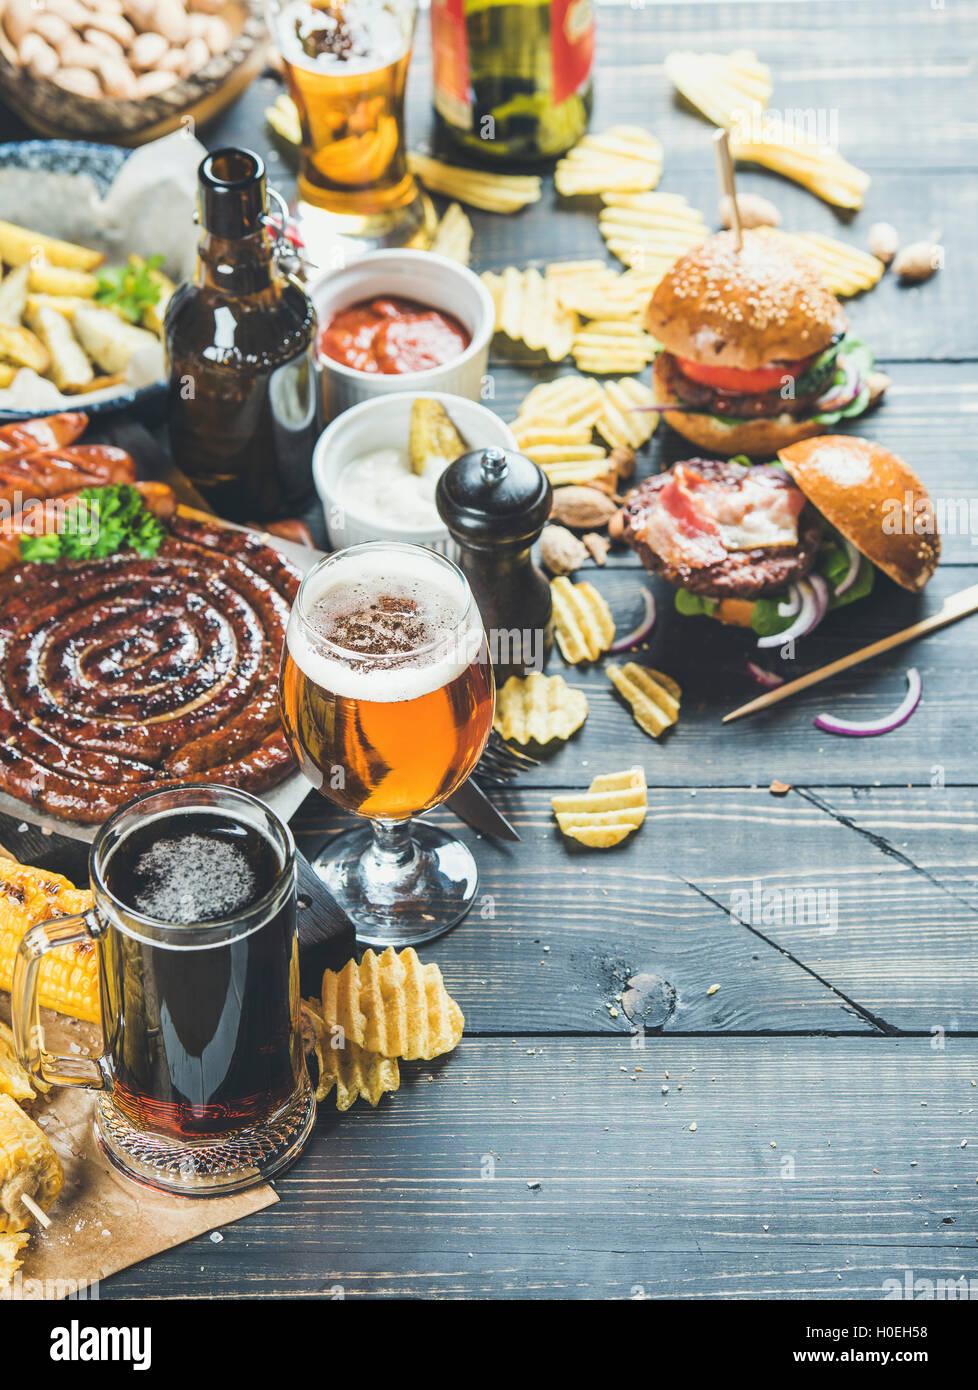 Cerveza y aperitivo. Oktoberfest alimentos concepto de cuadro. Surtido de cervezas, salchichas asadas, hamburguesas, Imagen De Stock